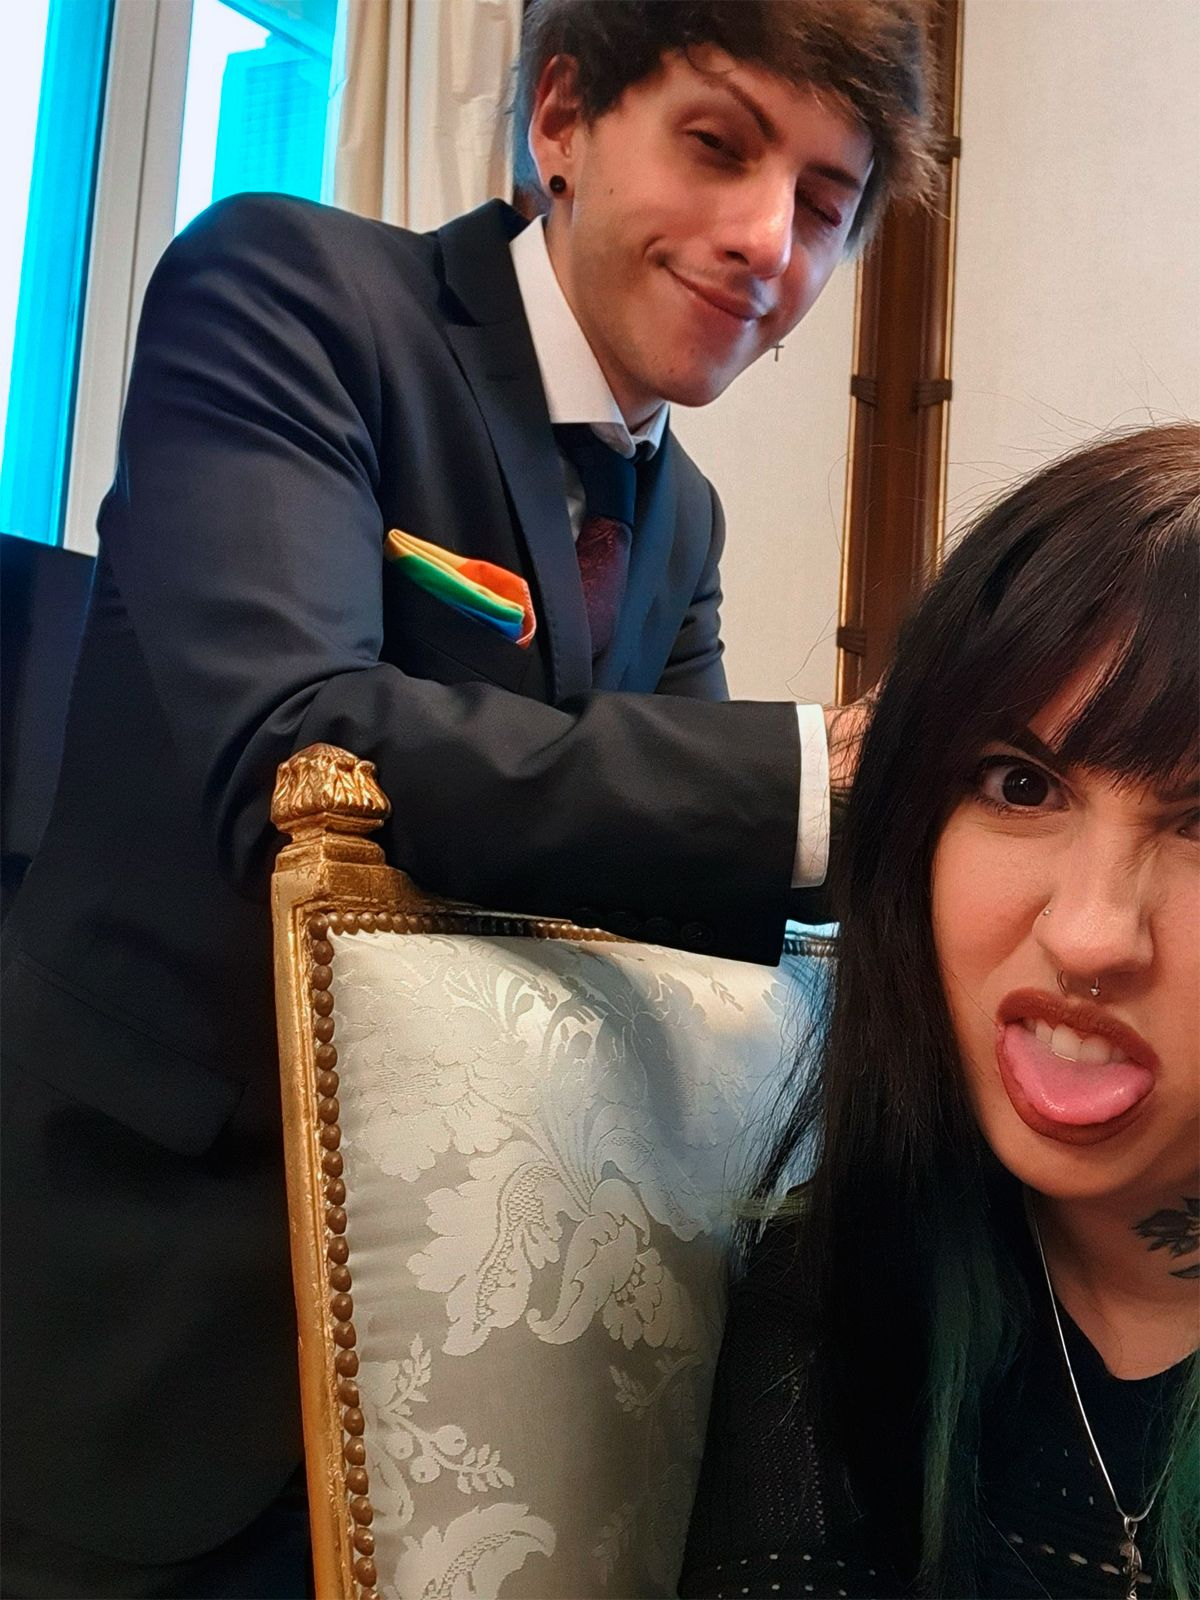 Las fotos de Estanislao Fernández con su novia en la Casa Rosada: Demasiado tiempo vestidos formalmente